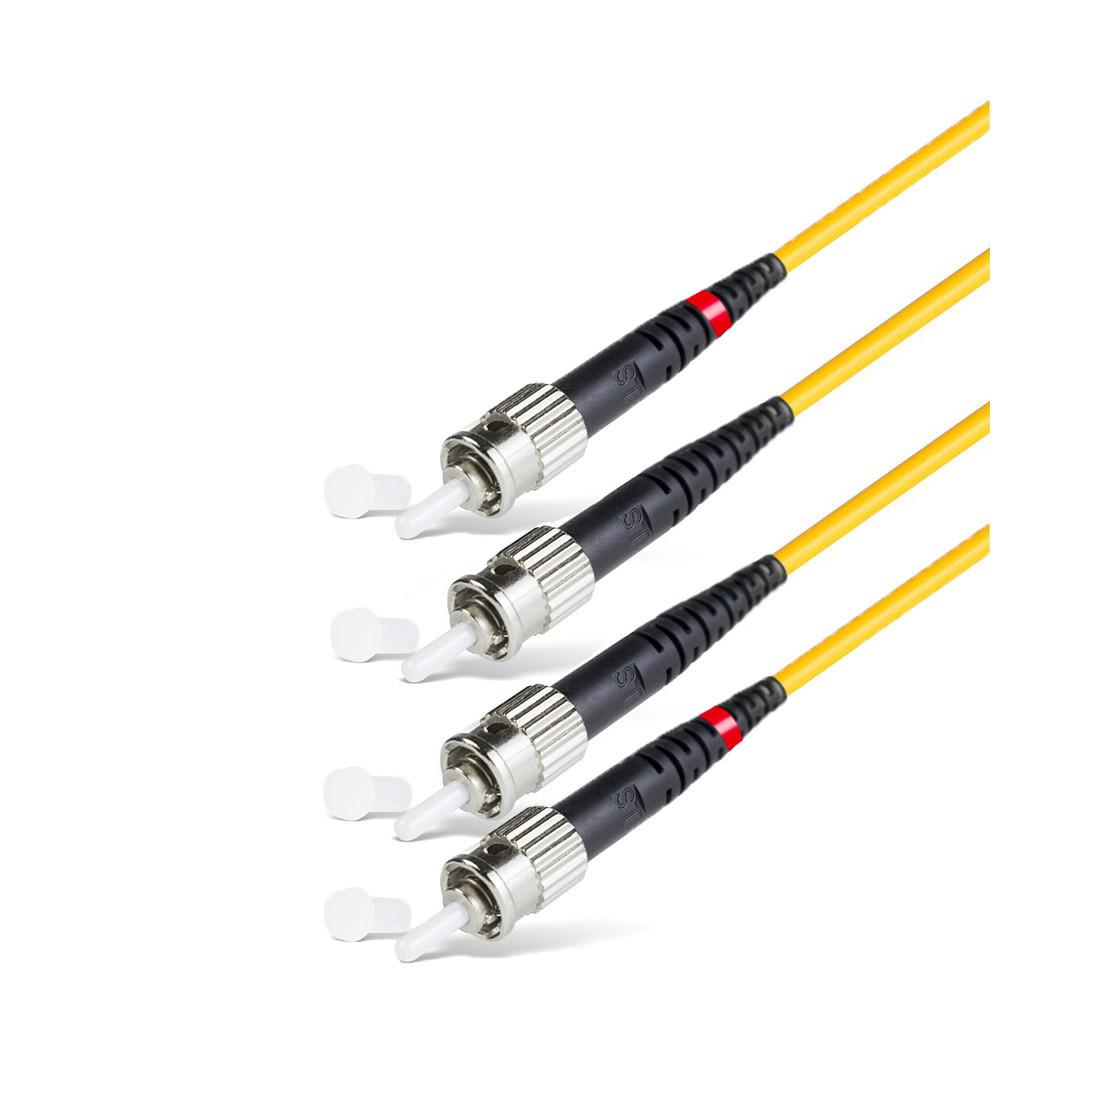 Патч Корд Оптоволоконный 2ST/UPC-2ST/UPC SM 9/125 Duplex 3.0мм 2 м